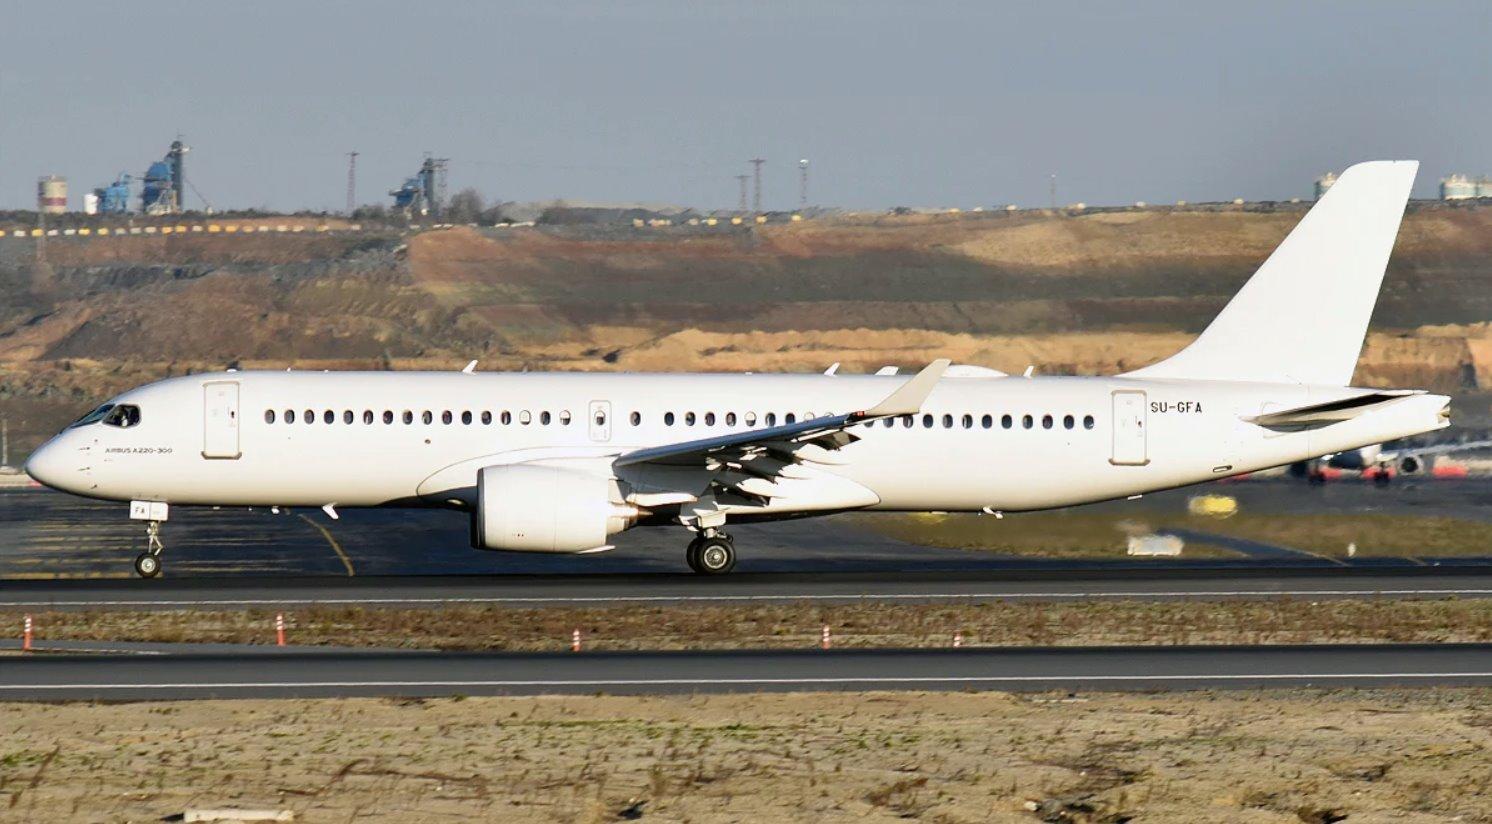 從隱藏版航空公司,看國際外交的尷尬彆扭/李易安